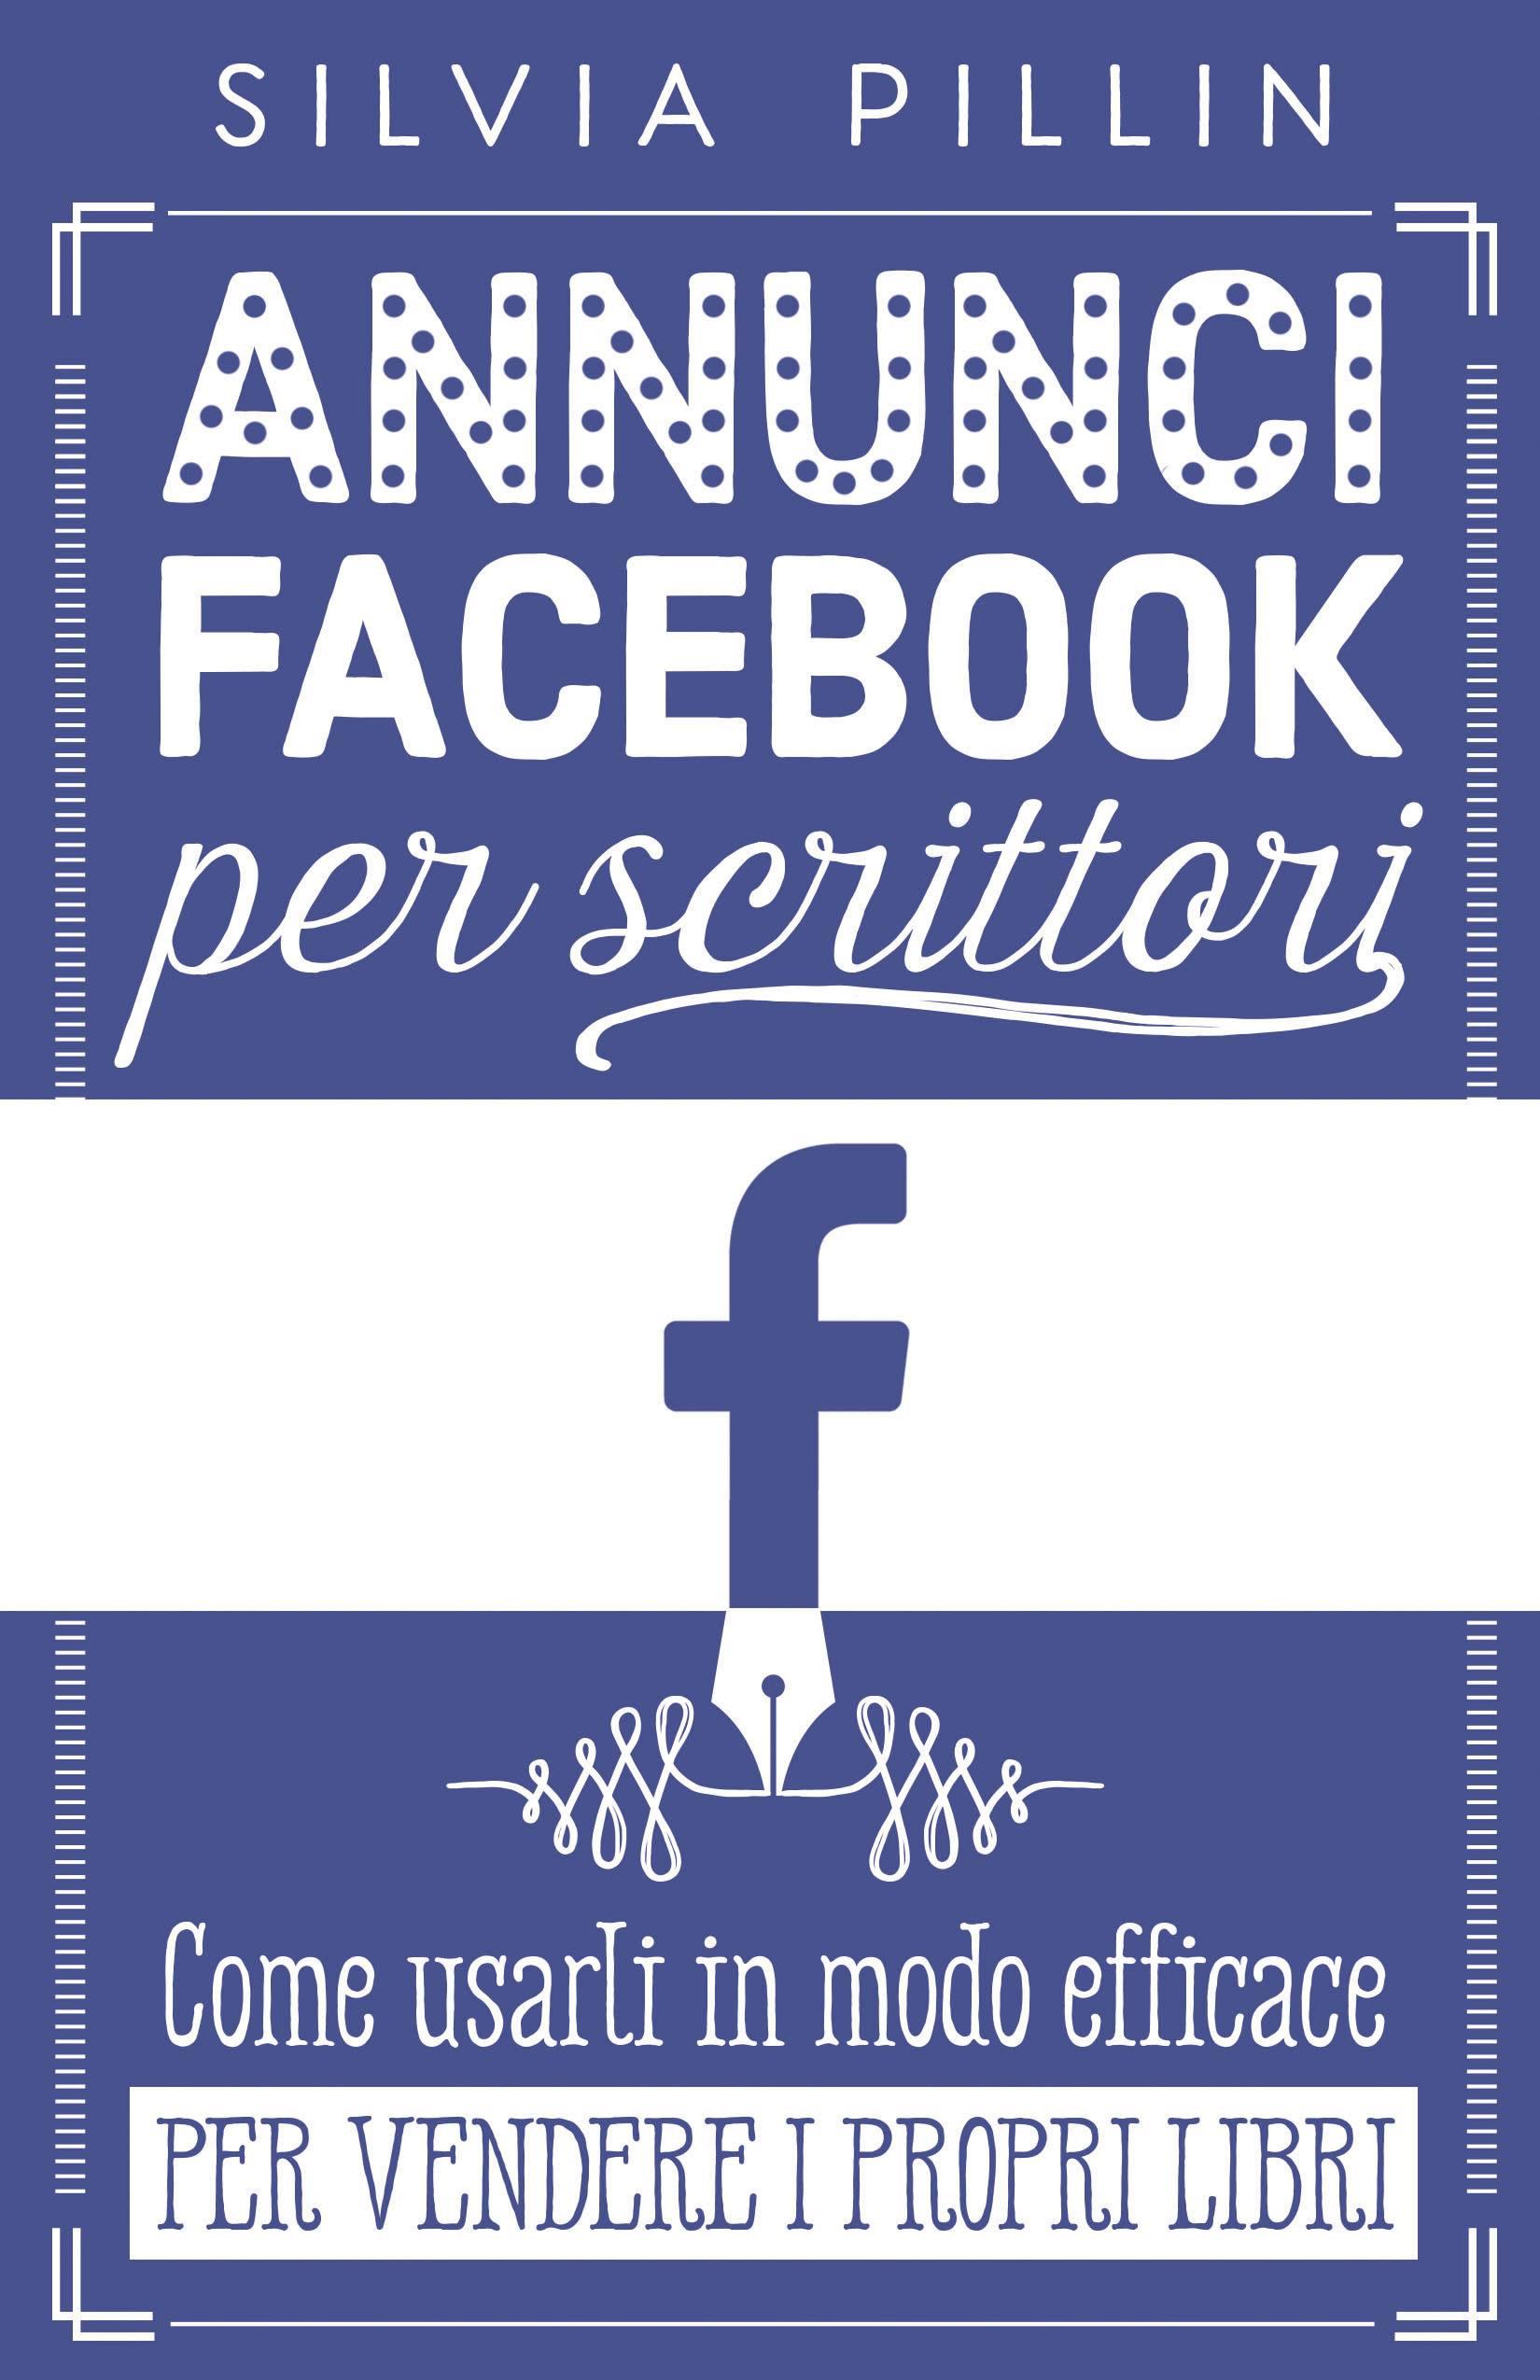 """Silvia Pillin ci parla della sua prossima uscita: """"Annunci Facebook per scrittori"""""""